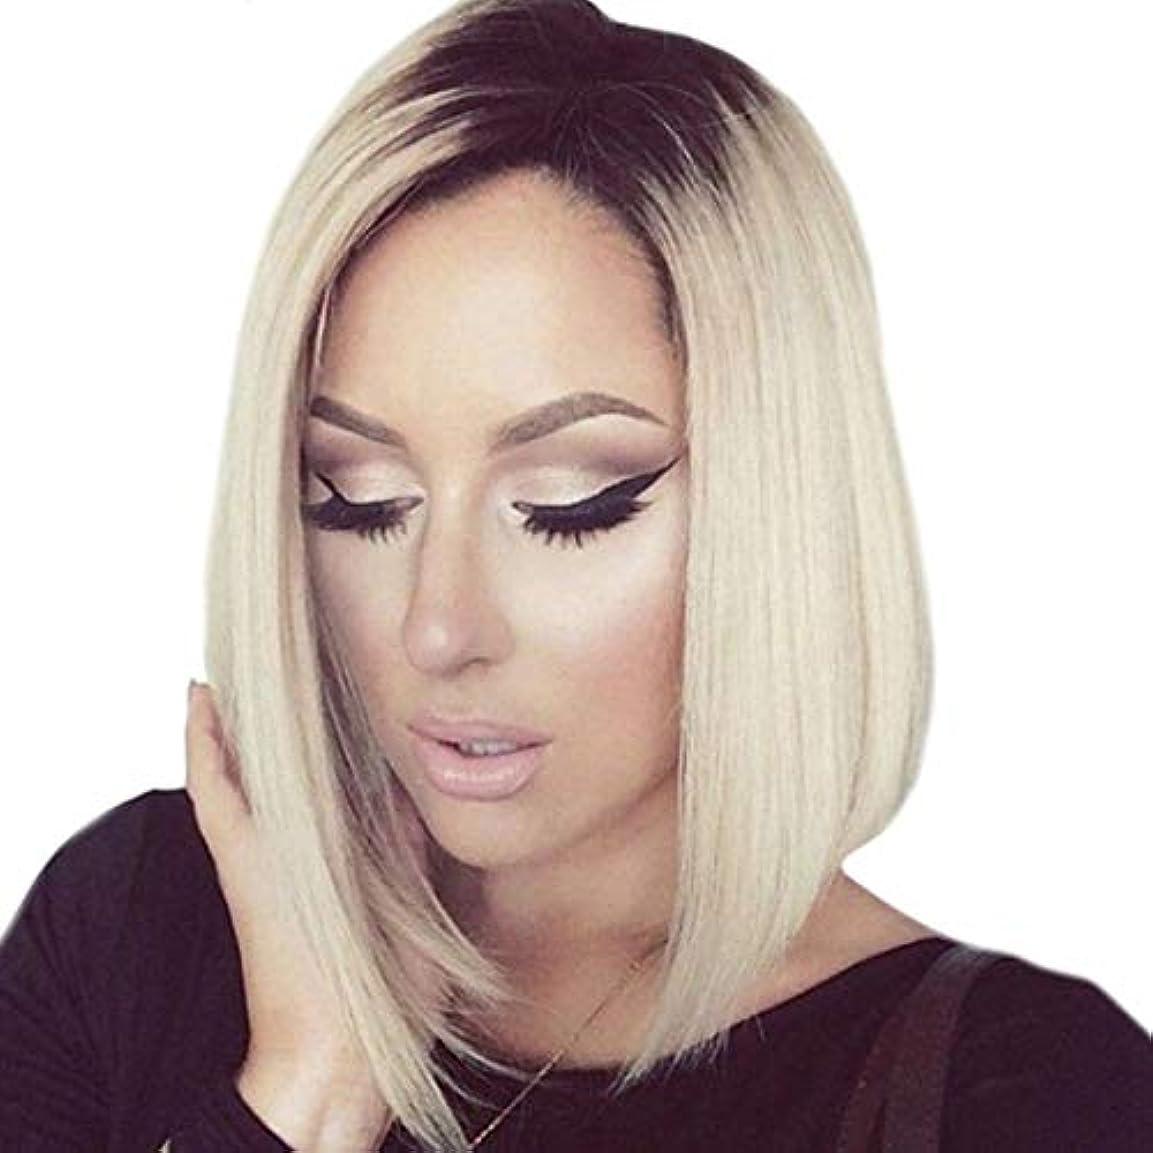 透明に怒り結核Kerwinner 女性のためのミディアムロングストレートヘアショルダーグラデーションカラーウィッグヘッドギア